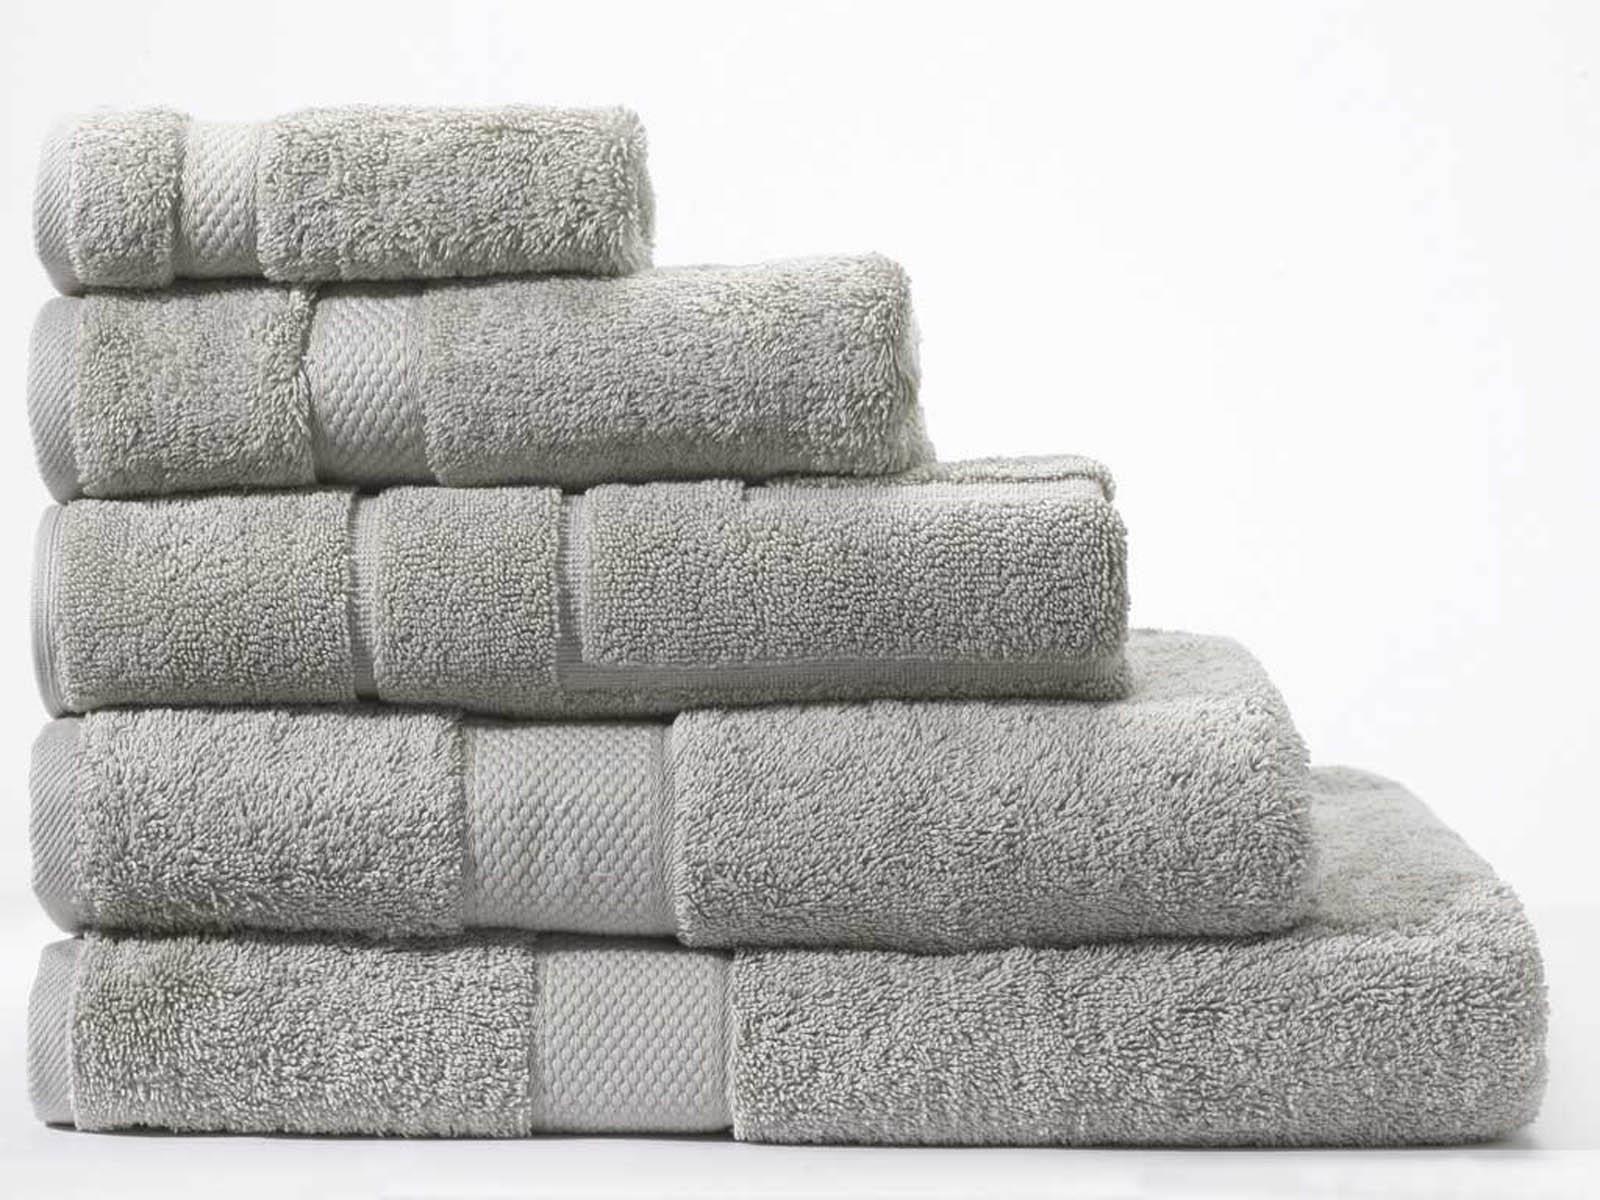 Towel-SilverWEB-1024x768